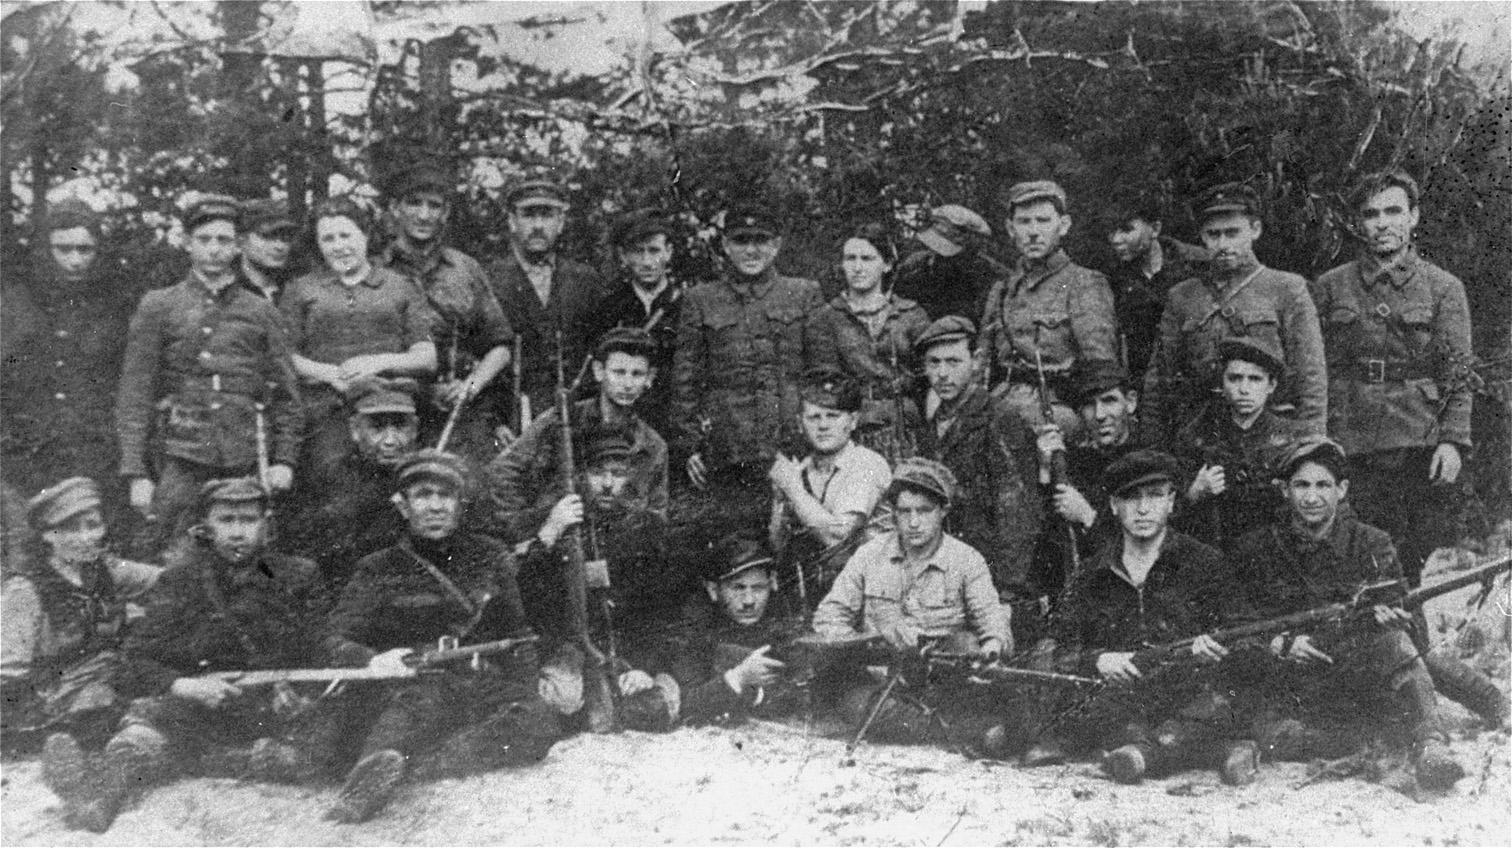 The Bielski Partisans